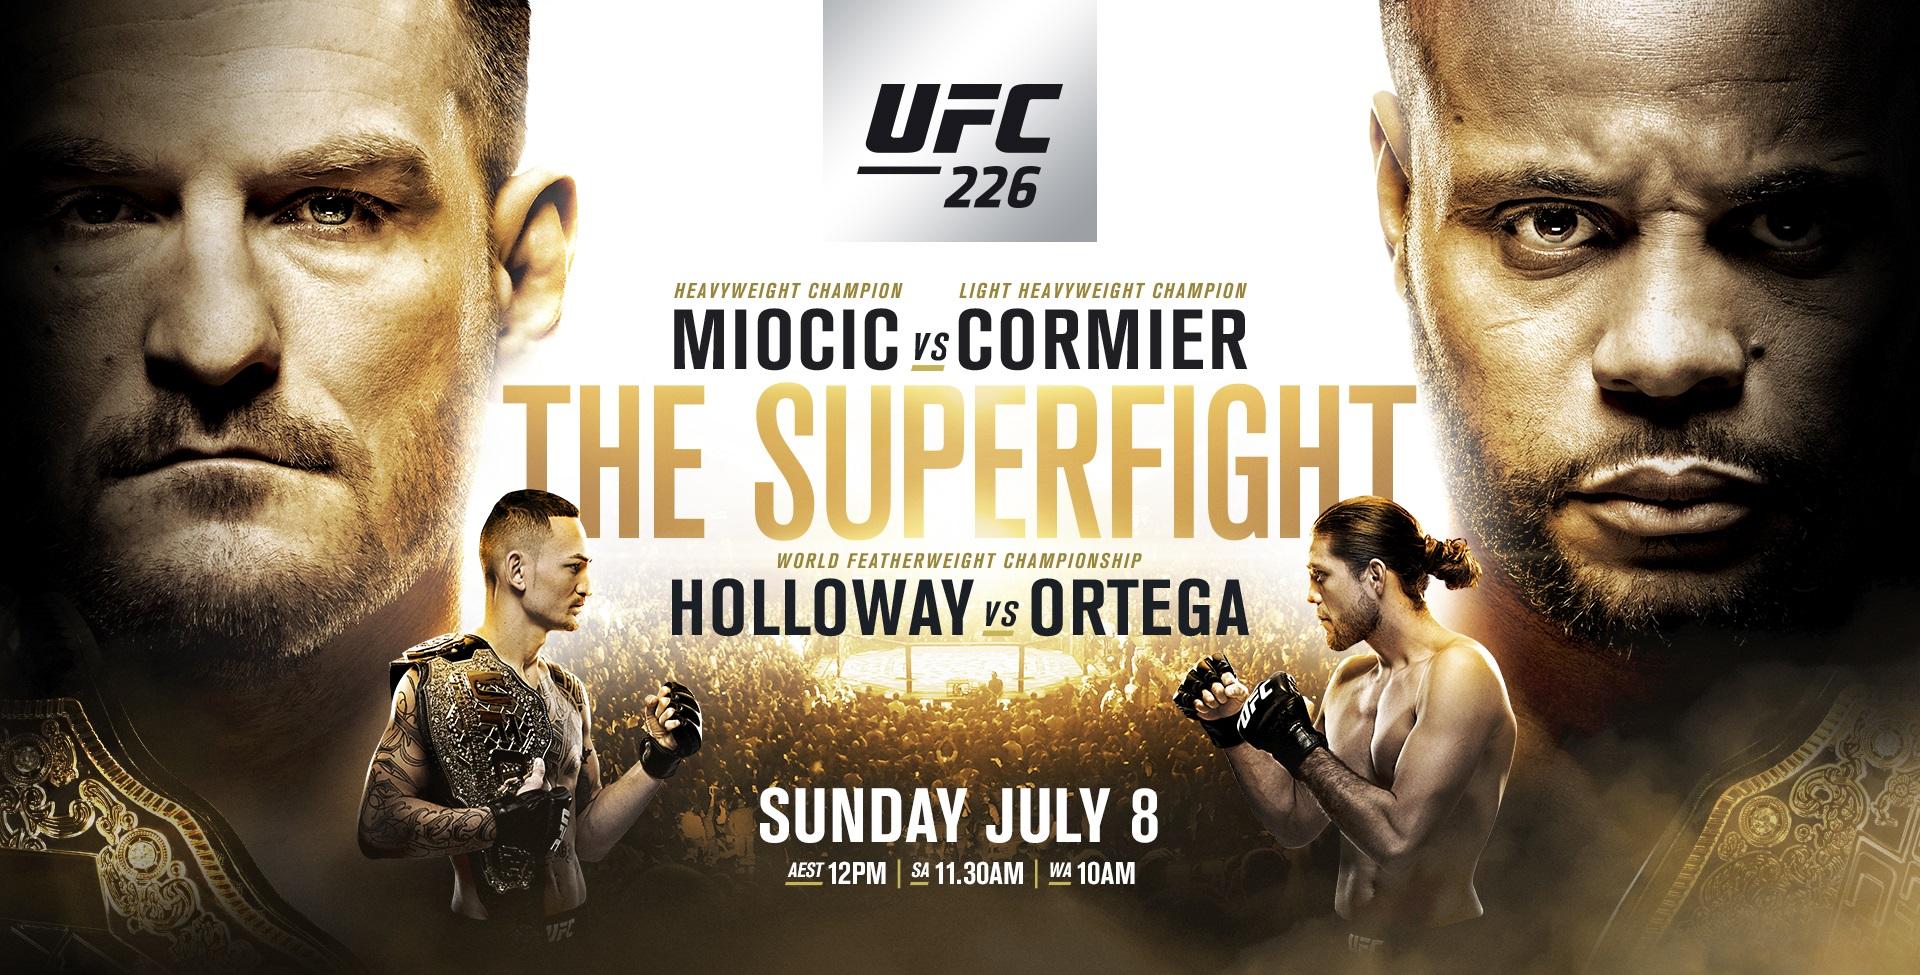 UFC 226 Fight Card